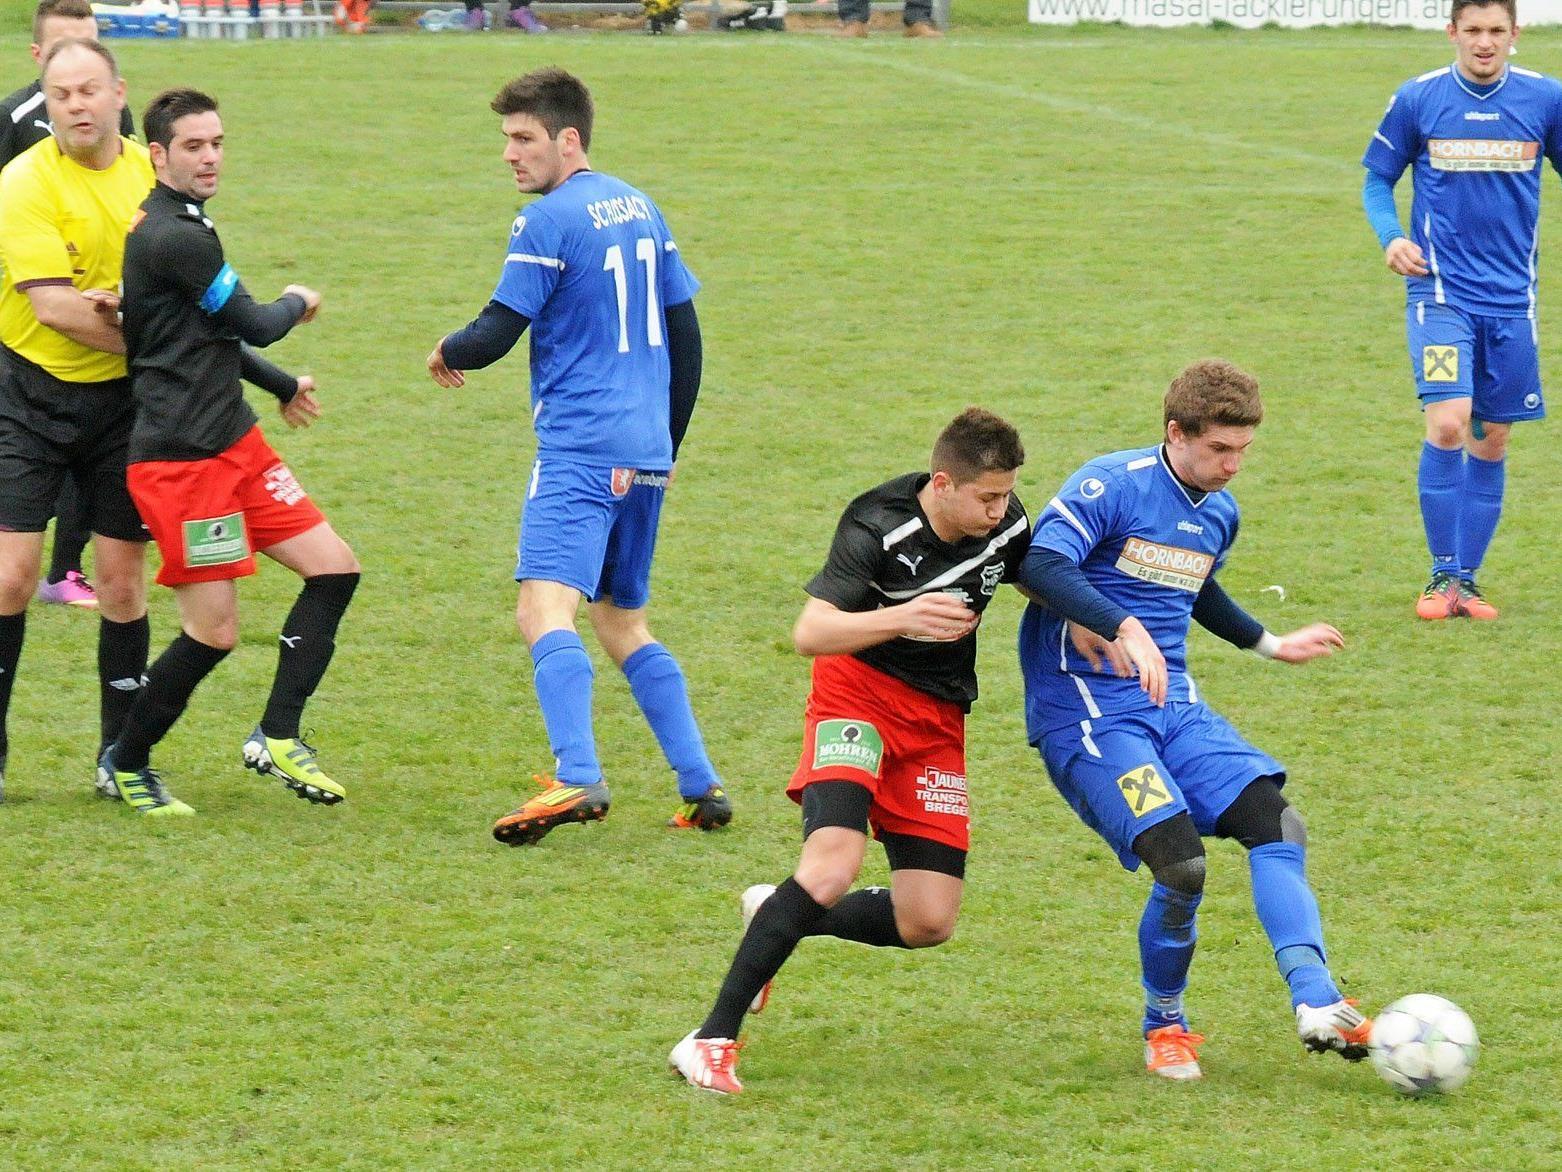 Der FC Viktoria Bregenz hatte der Heimmannschaft wenig entgegenzusetzen.